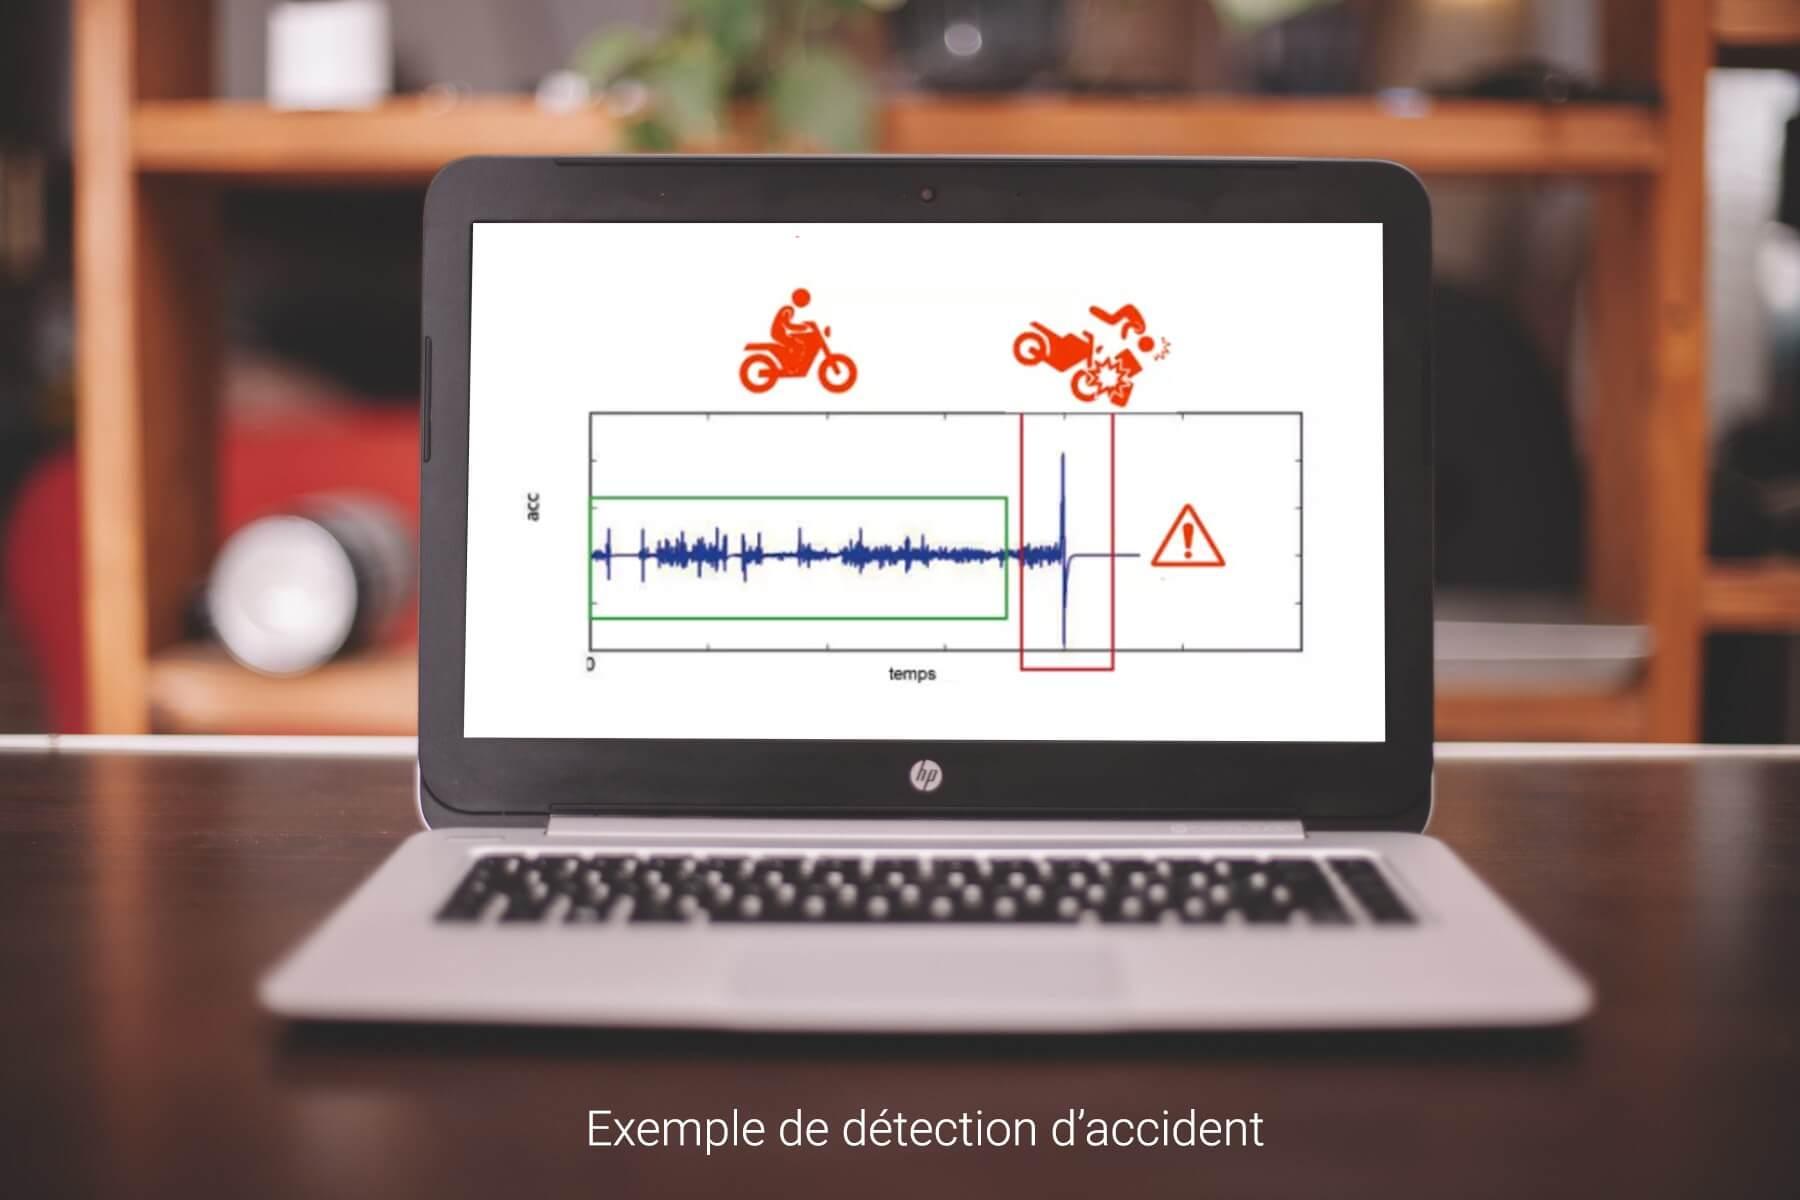 Accéléromètre du téléphone détecte accident moto